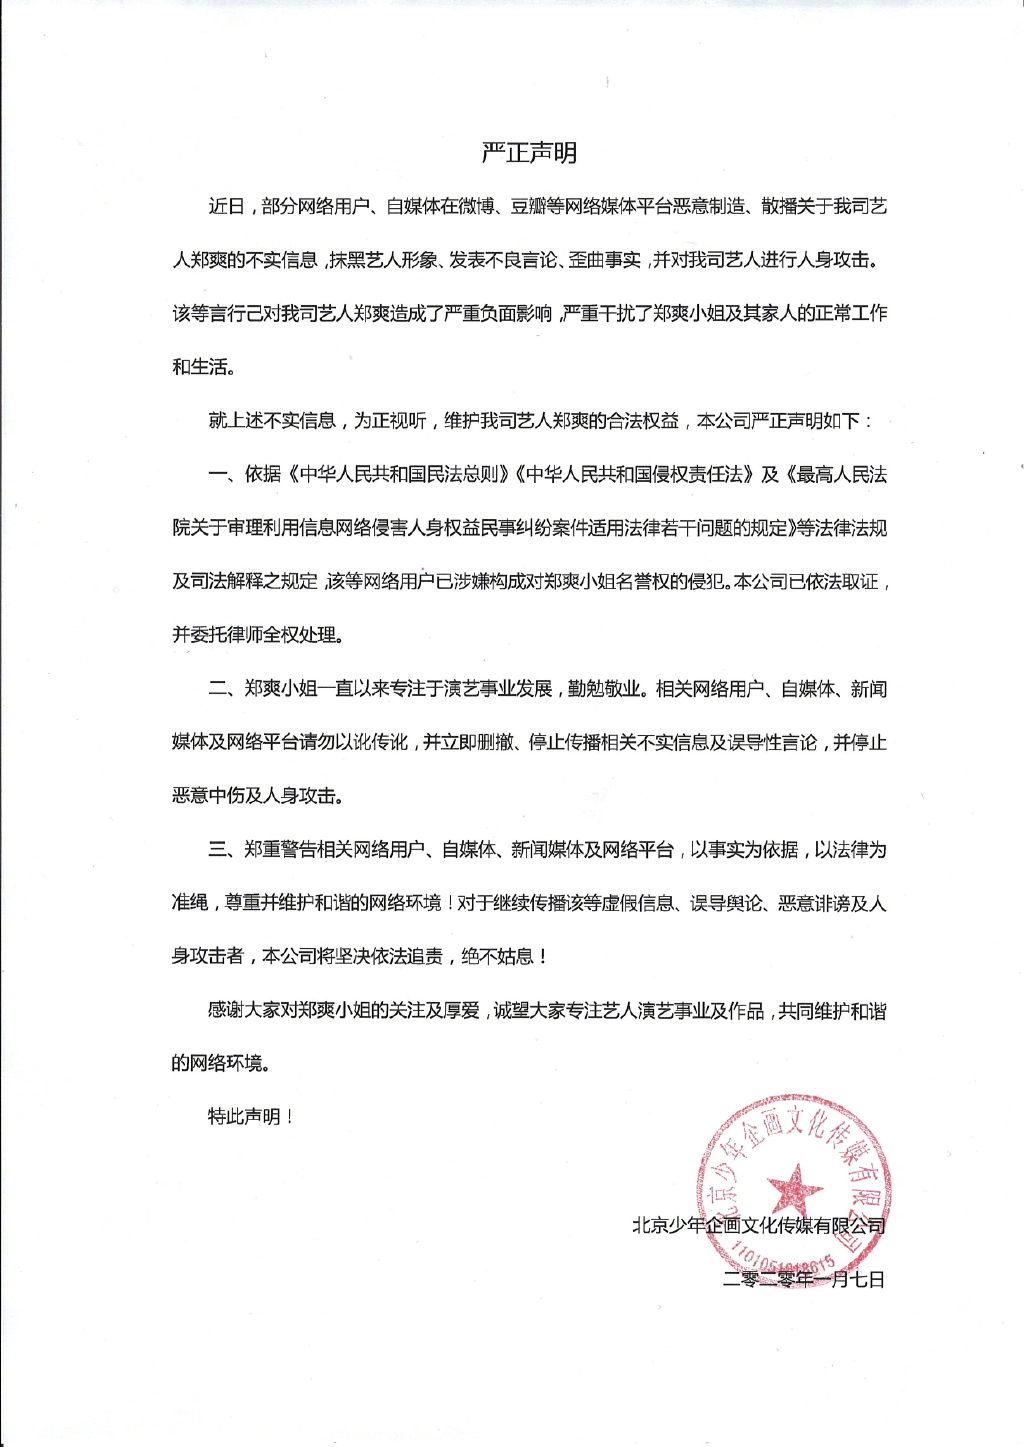 郑爽工作室发布律师声明,谴责网络不实信息图片